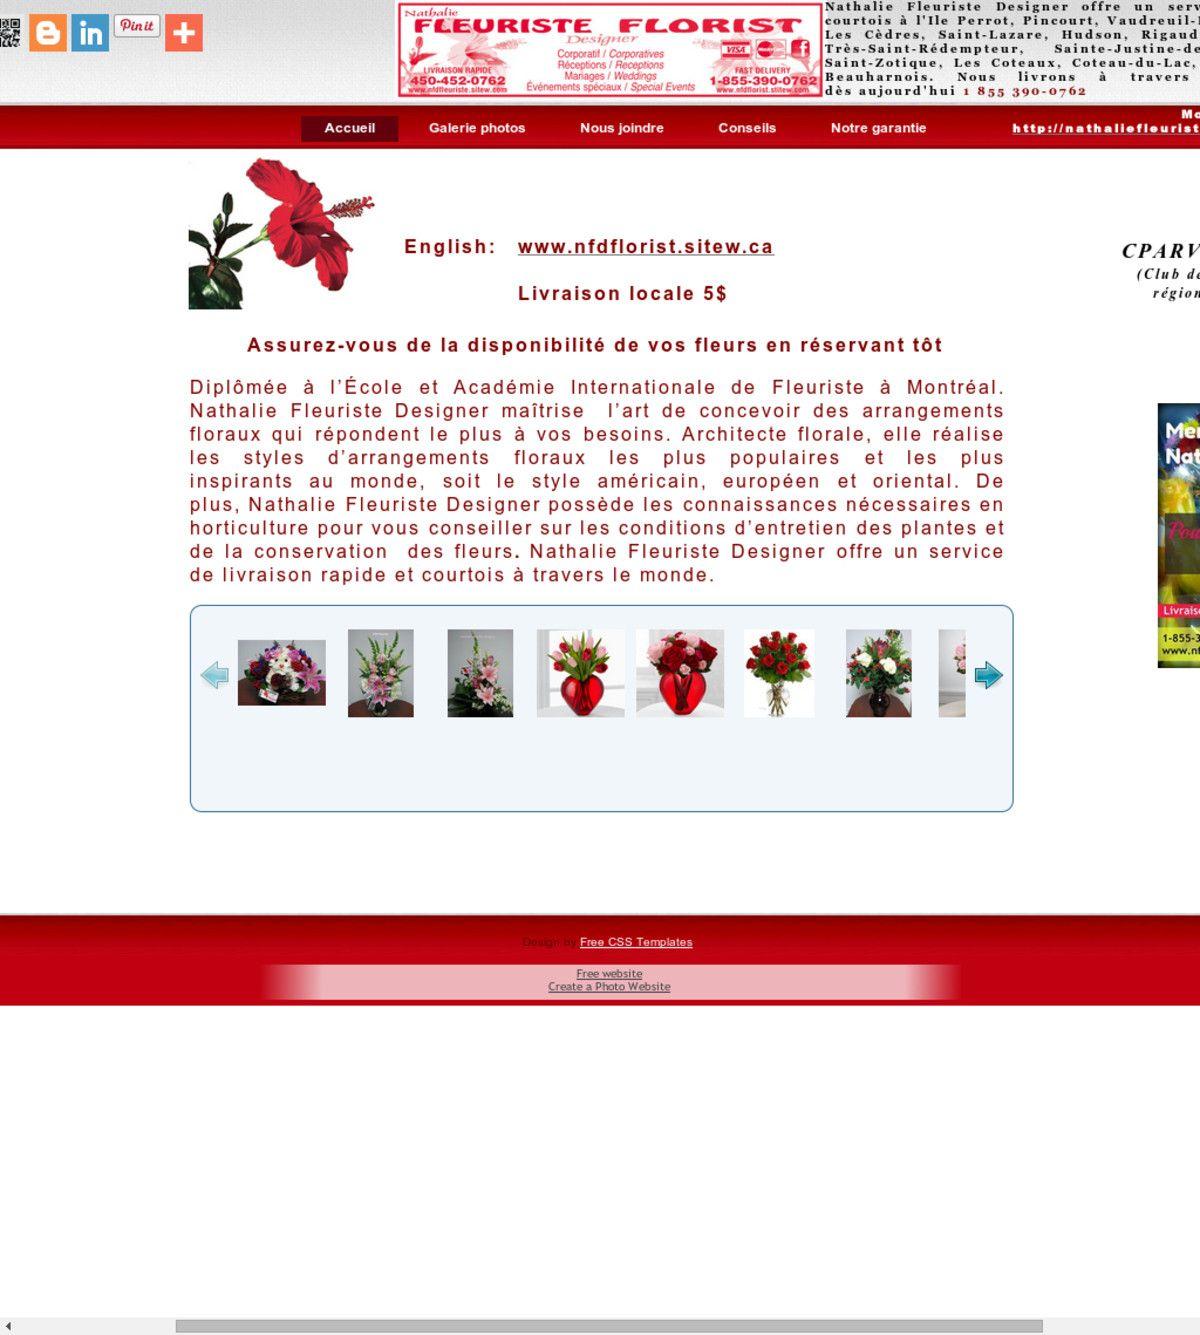 l'Équipe de nathalie fleuriste-designer réalise des créations